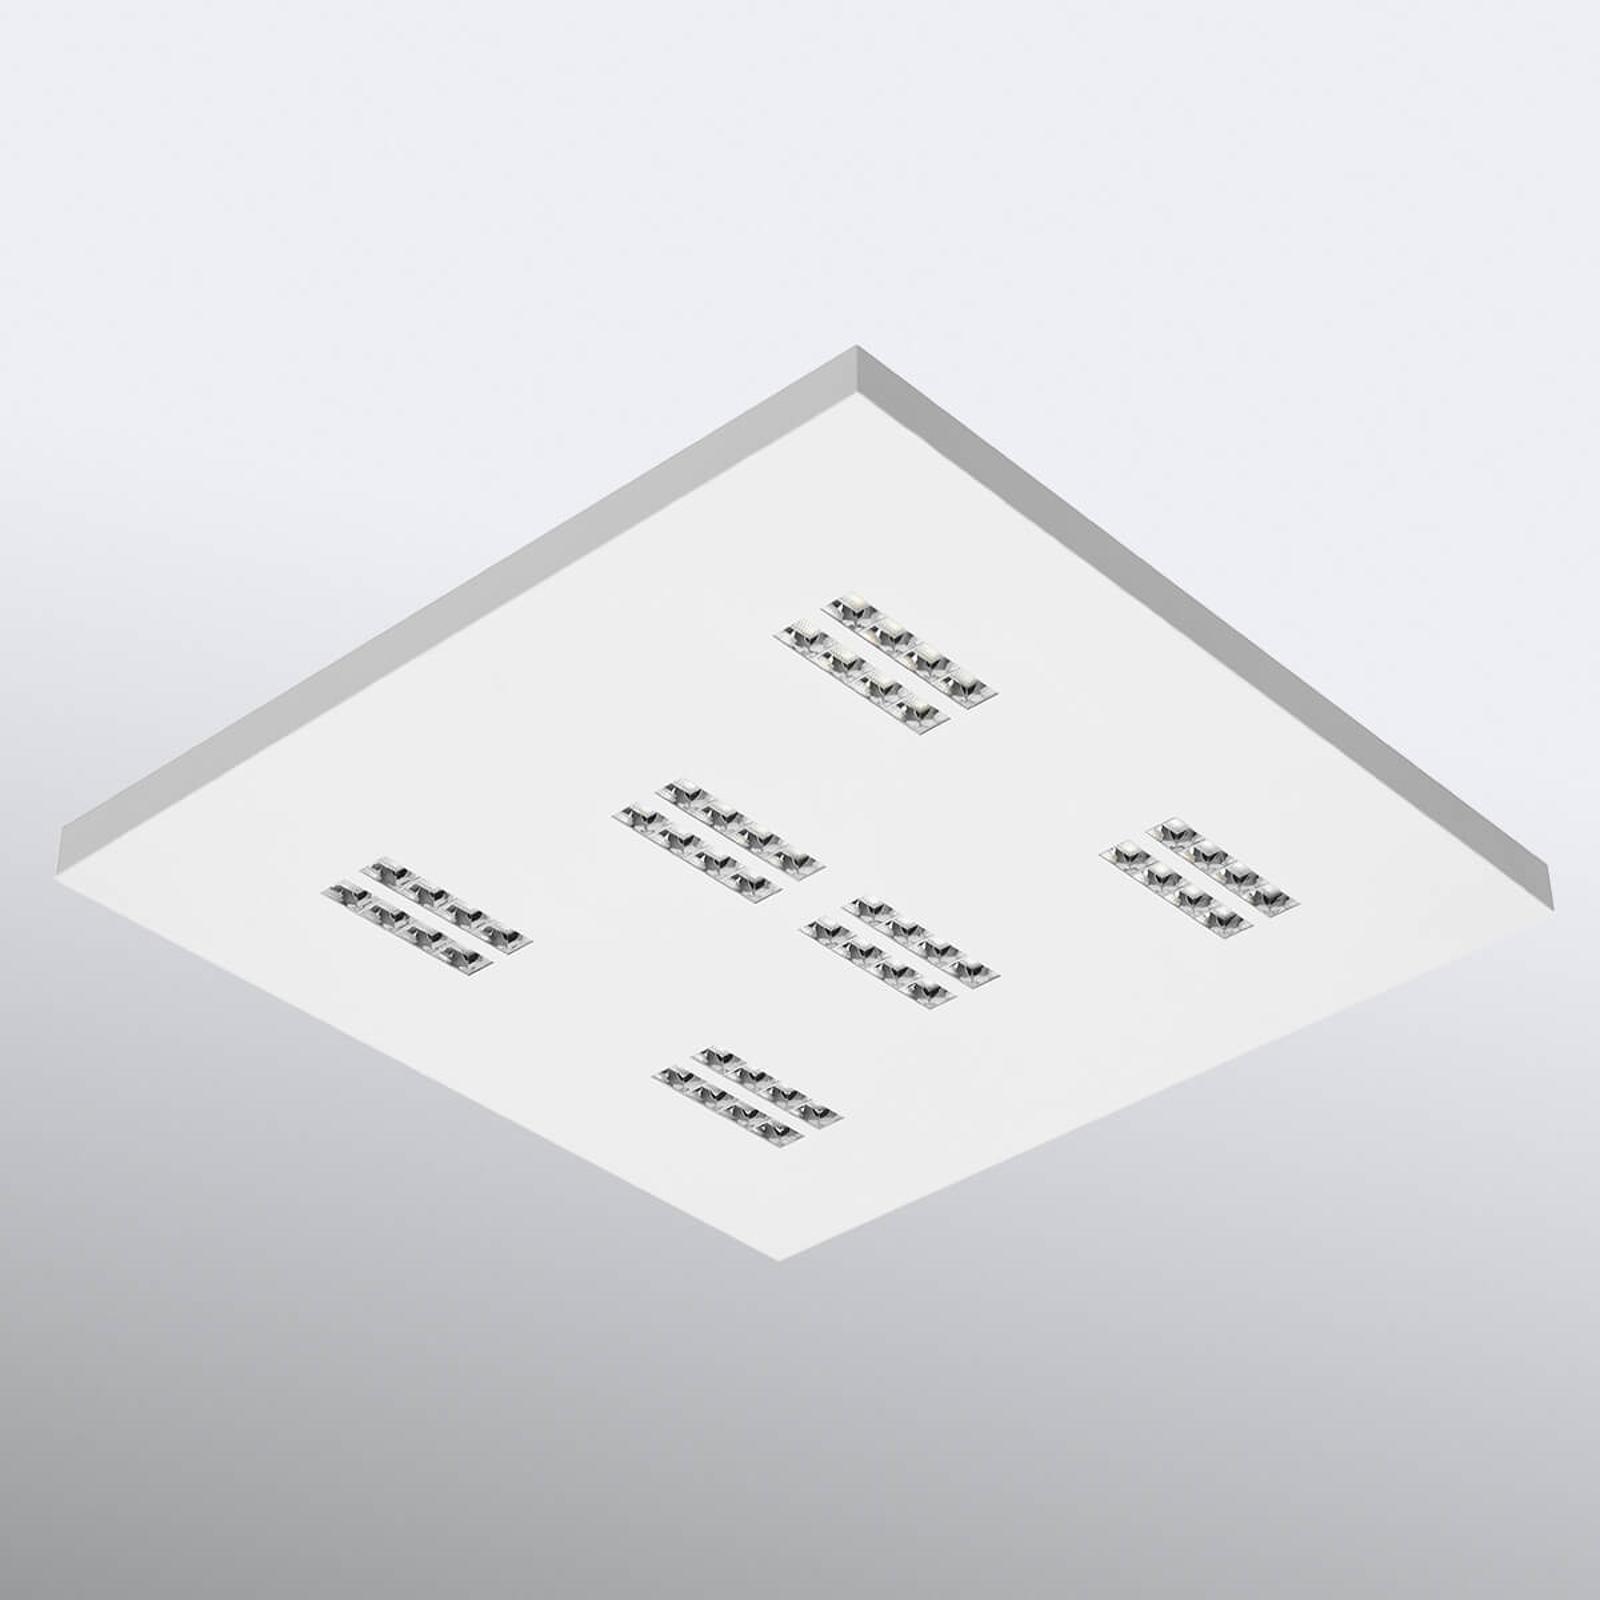 LED ceiling light Declan II SS1 square, 3,000 K_7252092_1